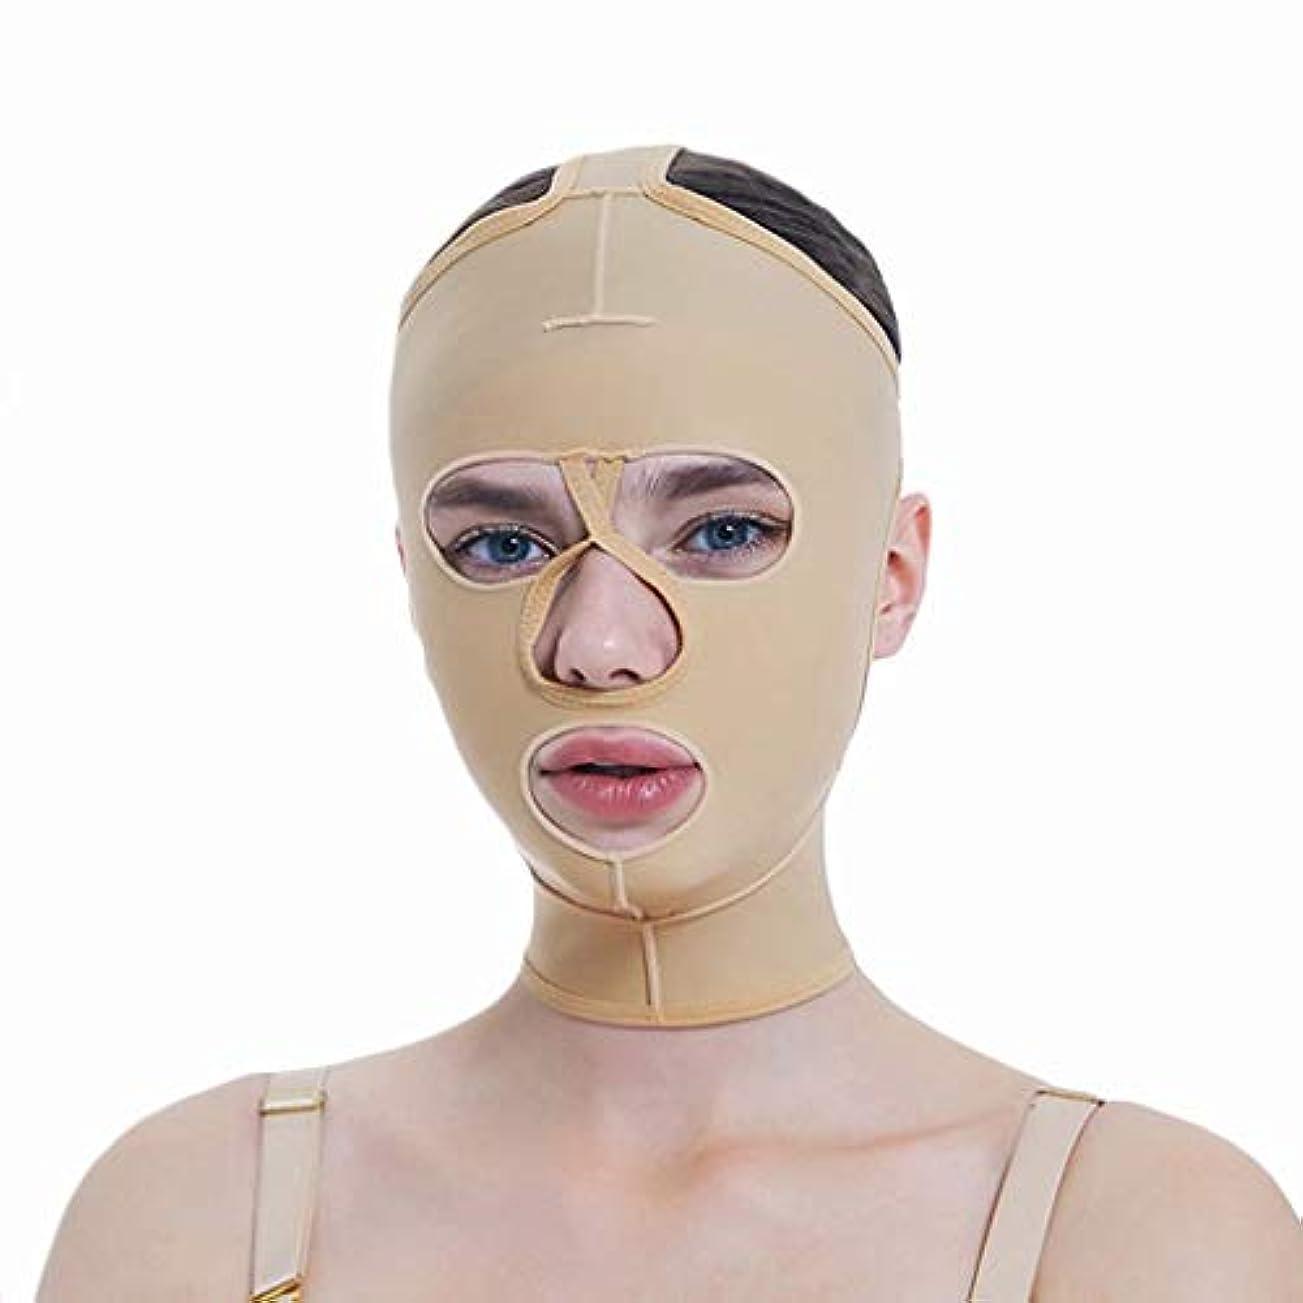 ドアミラー期待限界フェイシャル減量マスク、フルカバレッジ包帯、フルフェイスリフティングマスク、フェイスマスク、快適で リフティングシェーピング(サイズ:S),ザ?